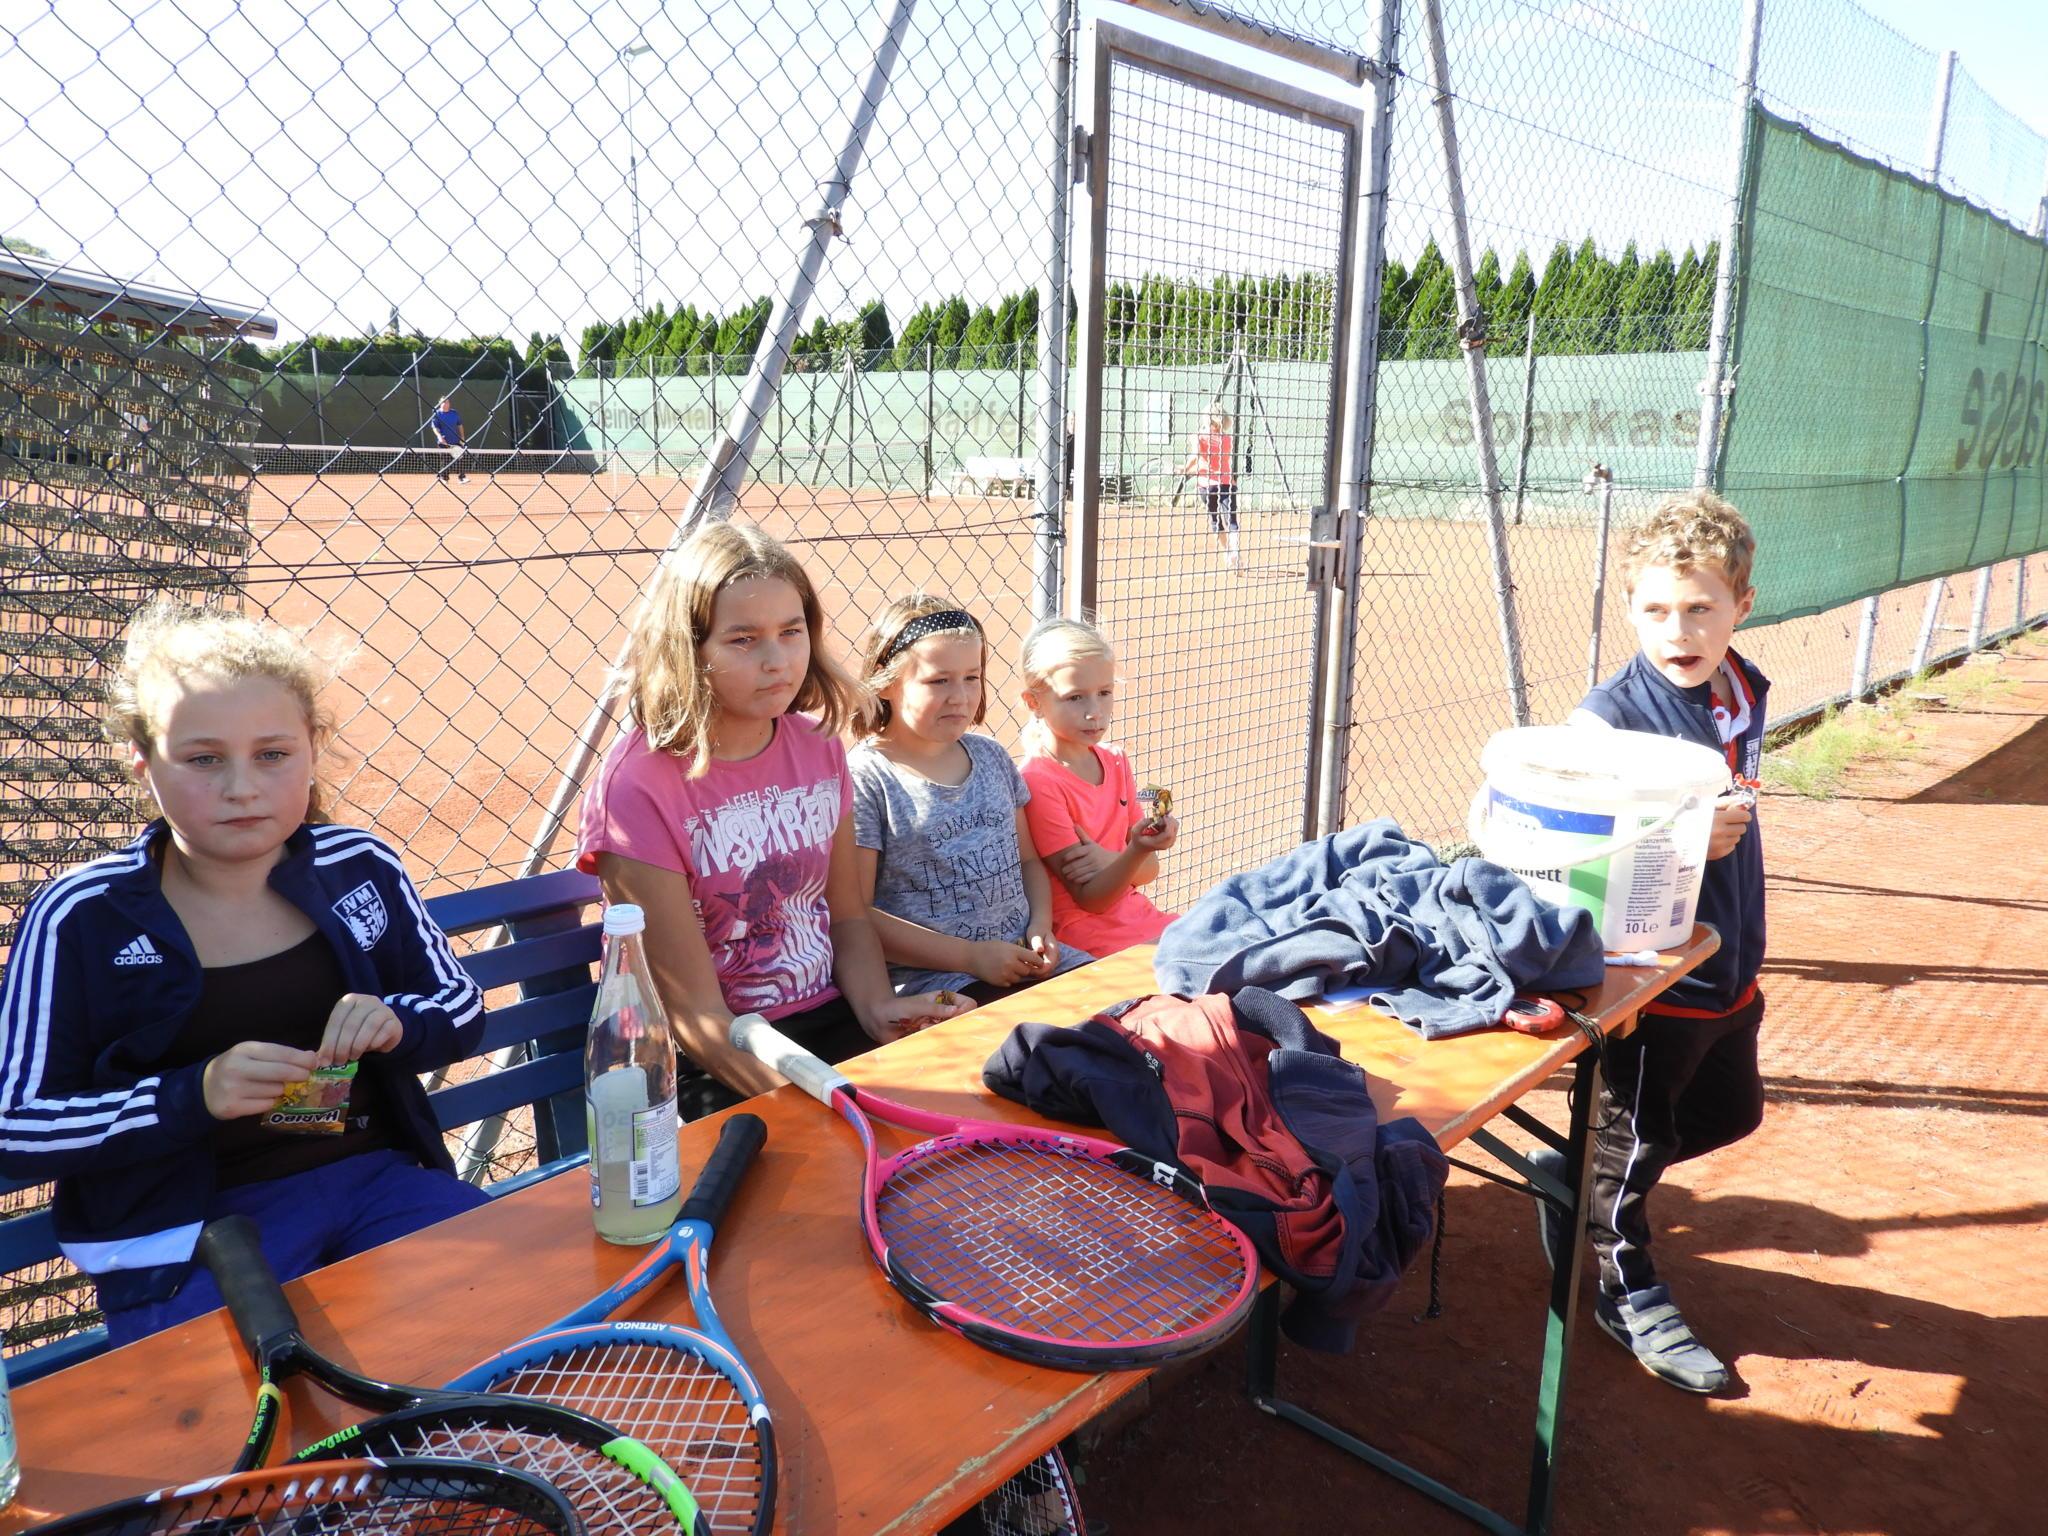 Tennisclub Muhlhausen Begrusste 100 Mitglied Mein Muhlhausen